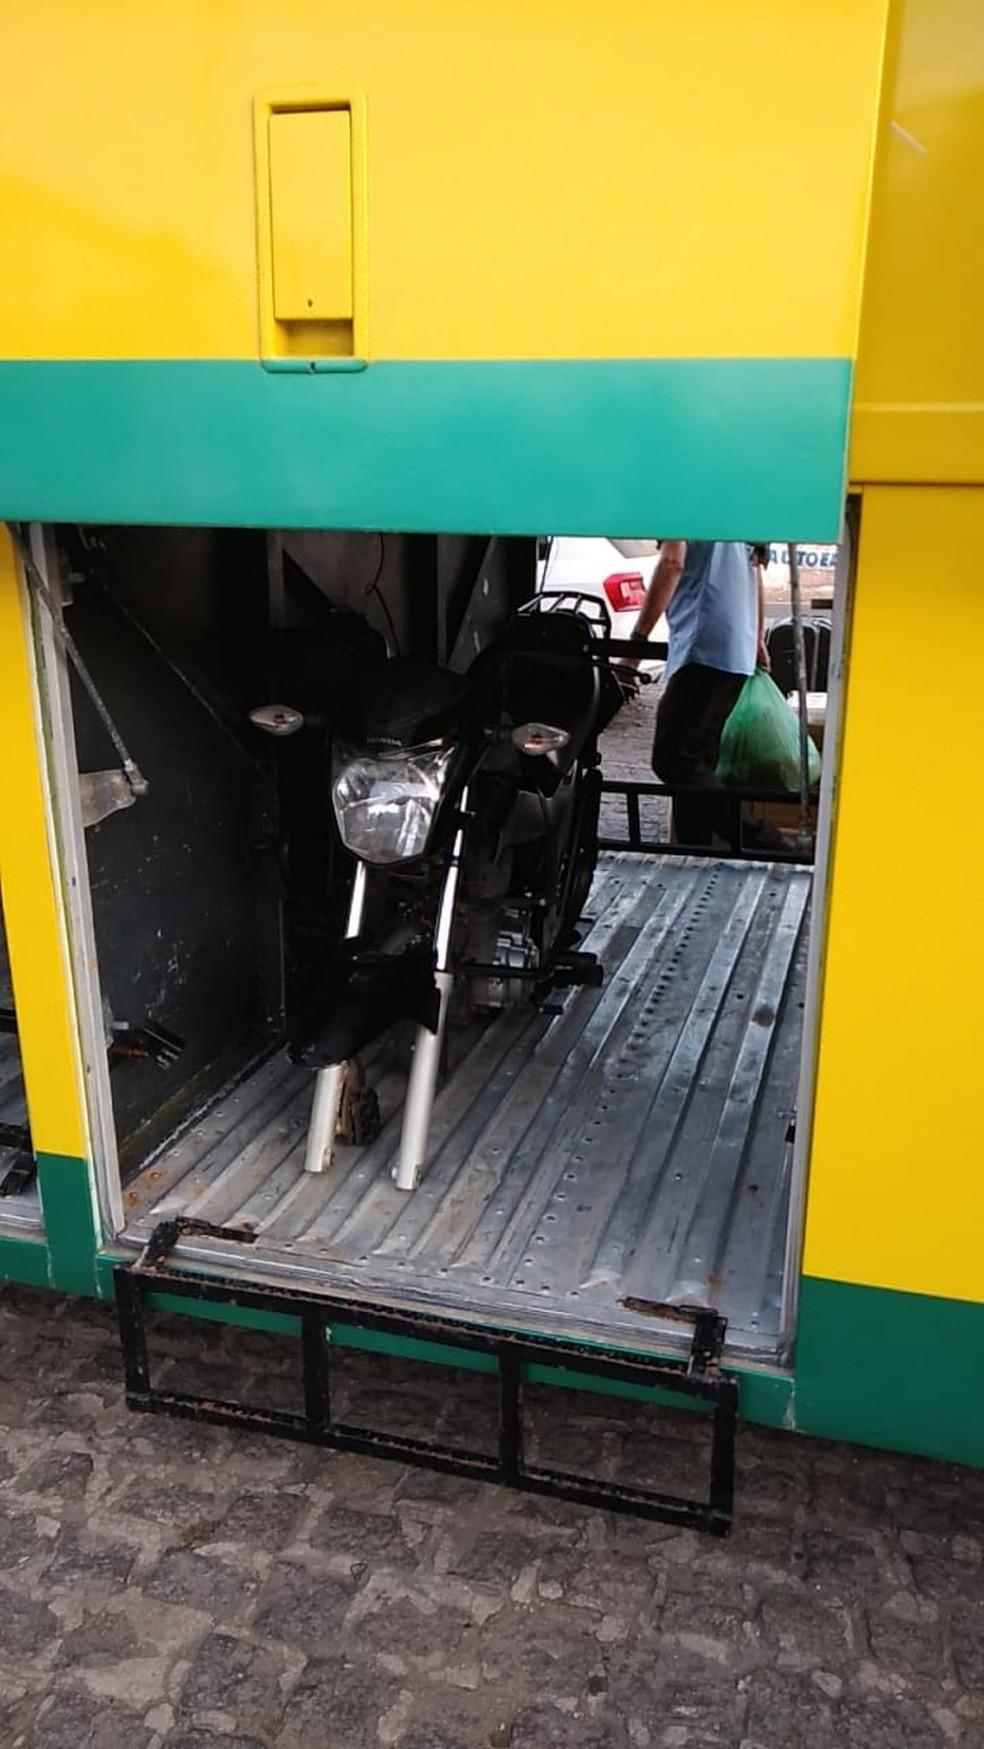 Ônibus flagrado pela fiscalização da ANTT em Alagoas levava um motocicleta no bagageiro — Foto: ANTT